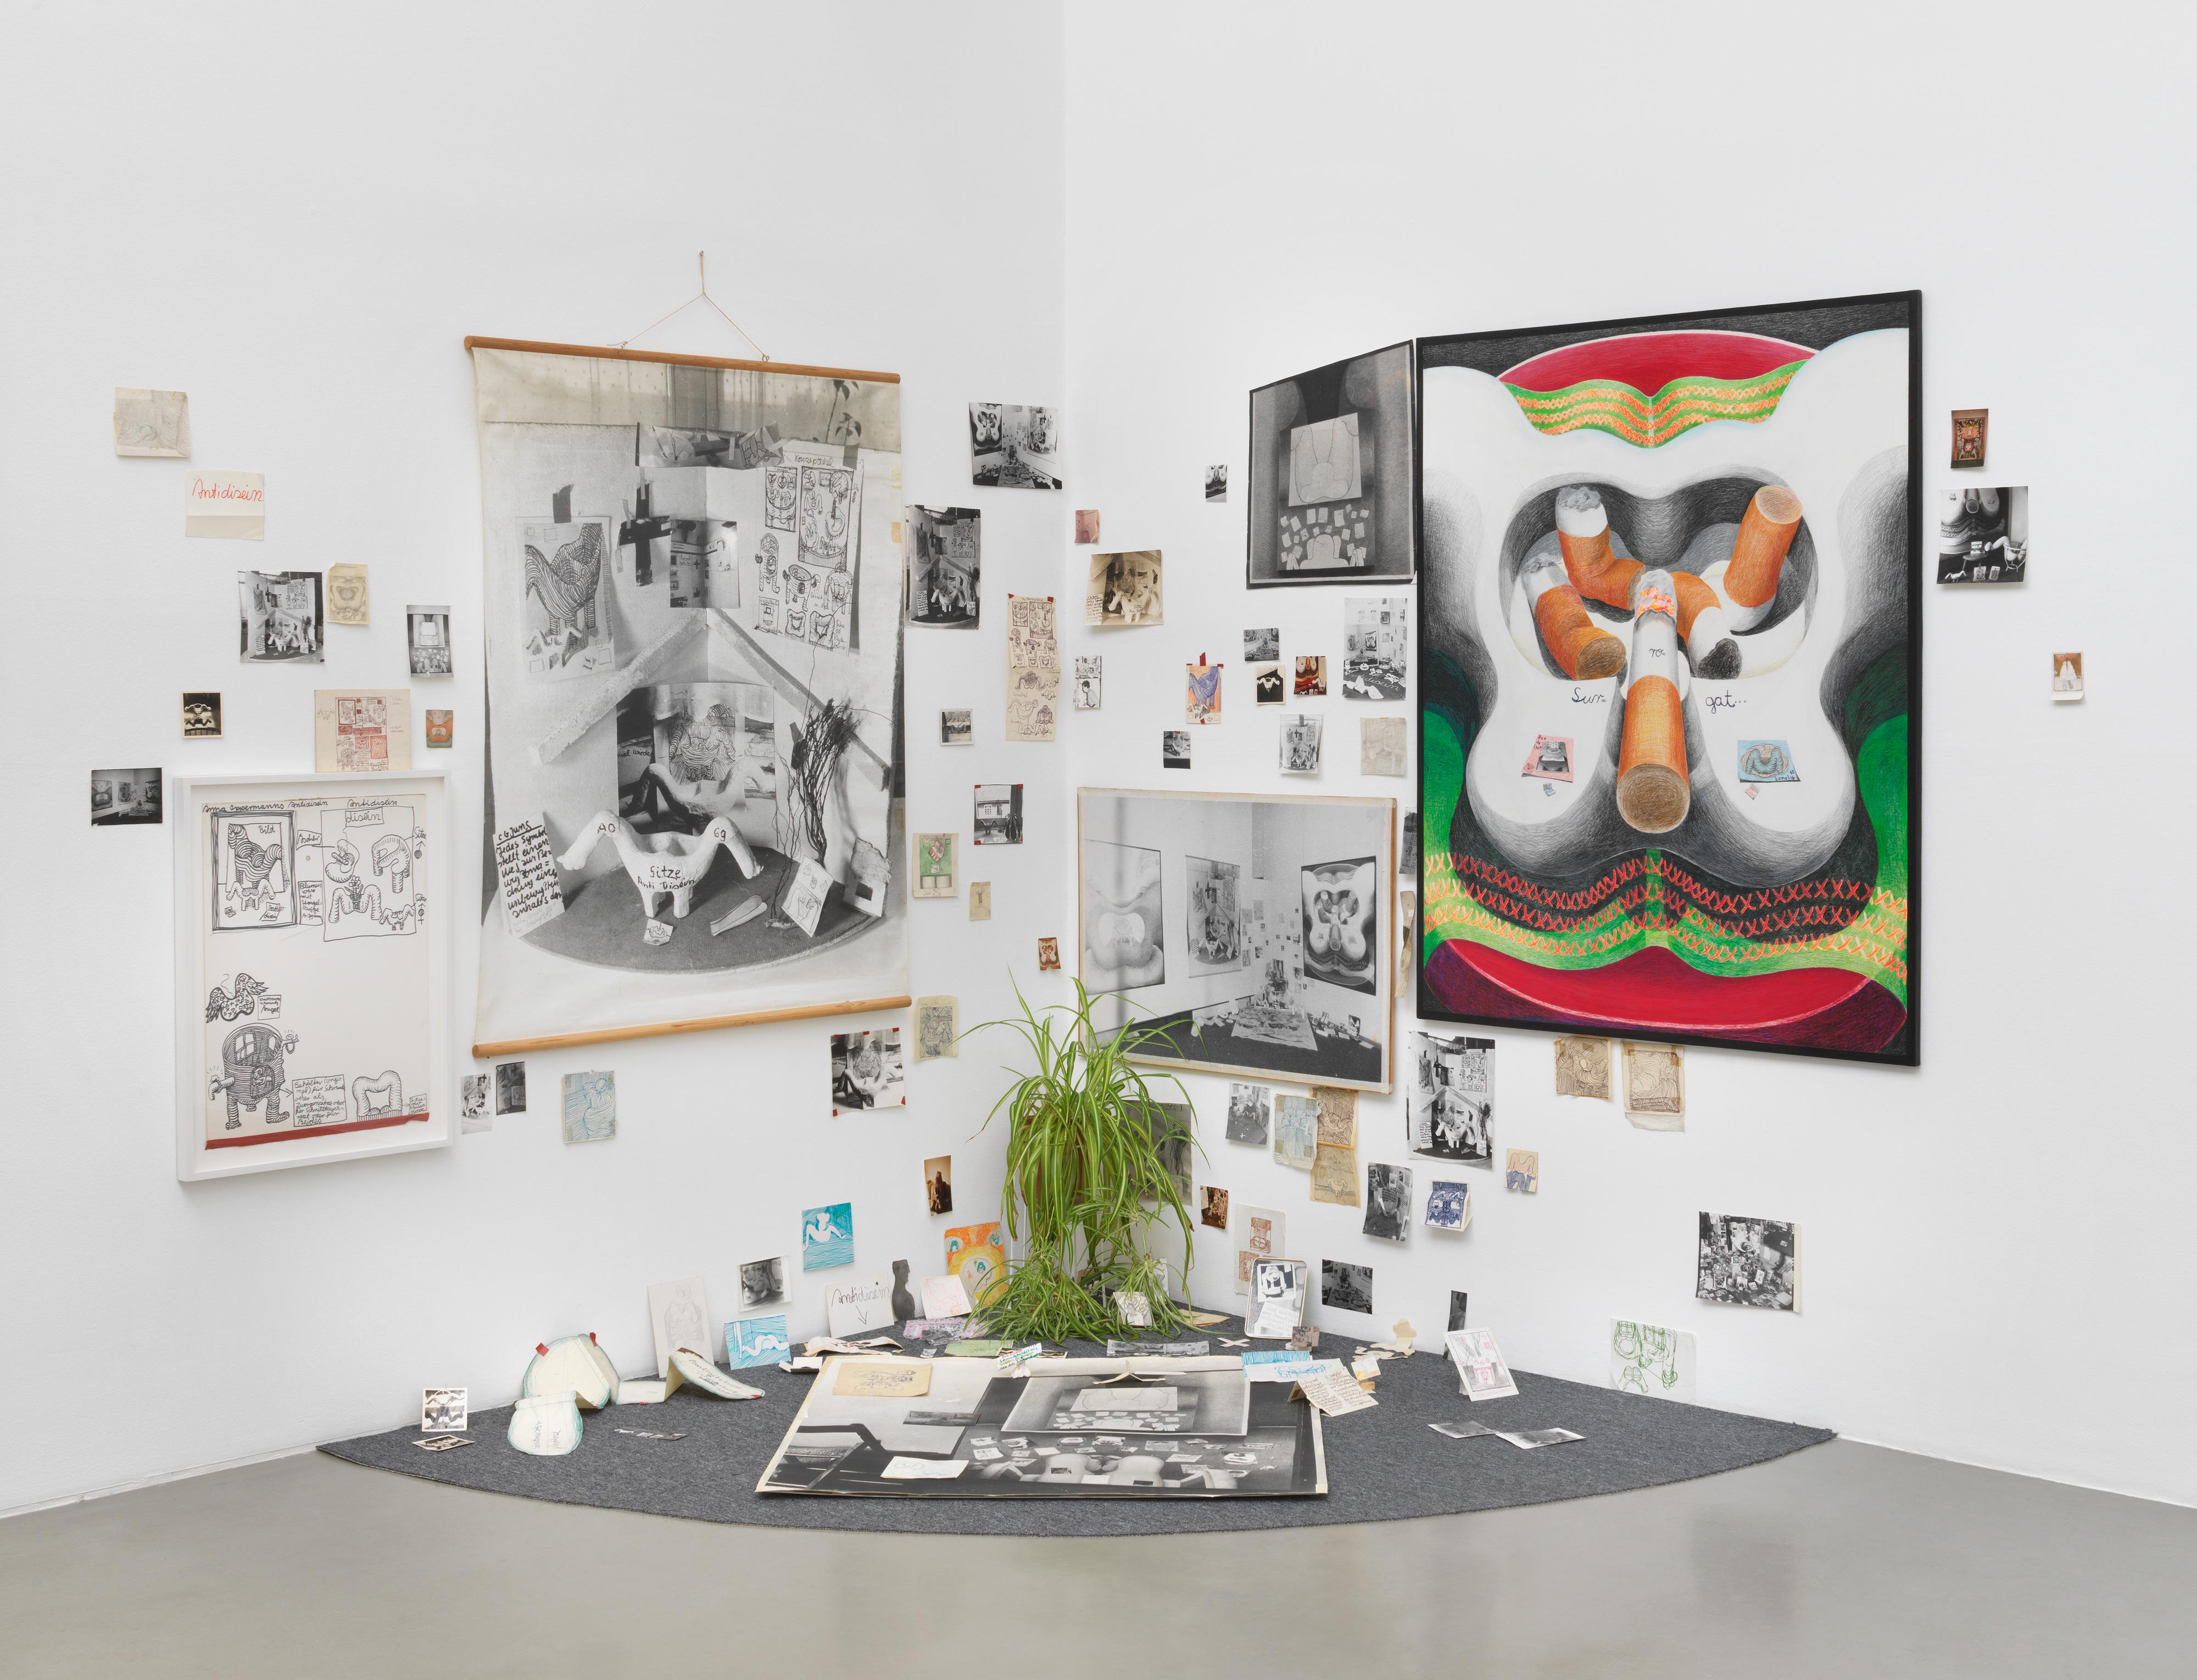 Galerie Barbara Thumm \ Anna Oppermann – Das Bild steht auf der Fensterbank